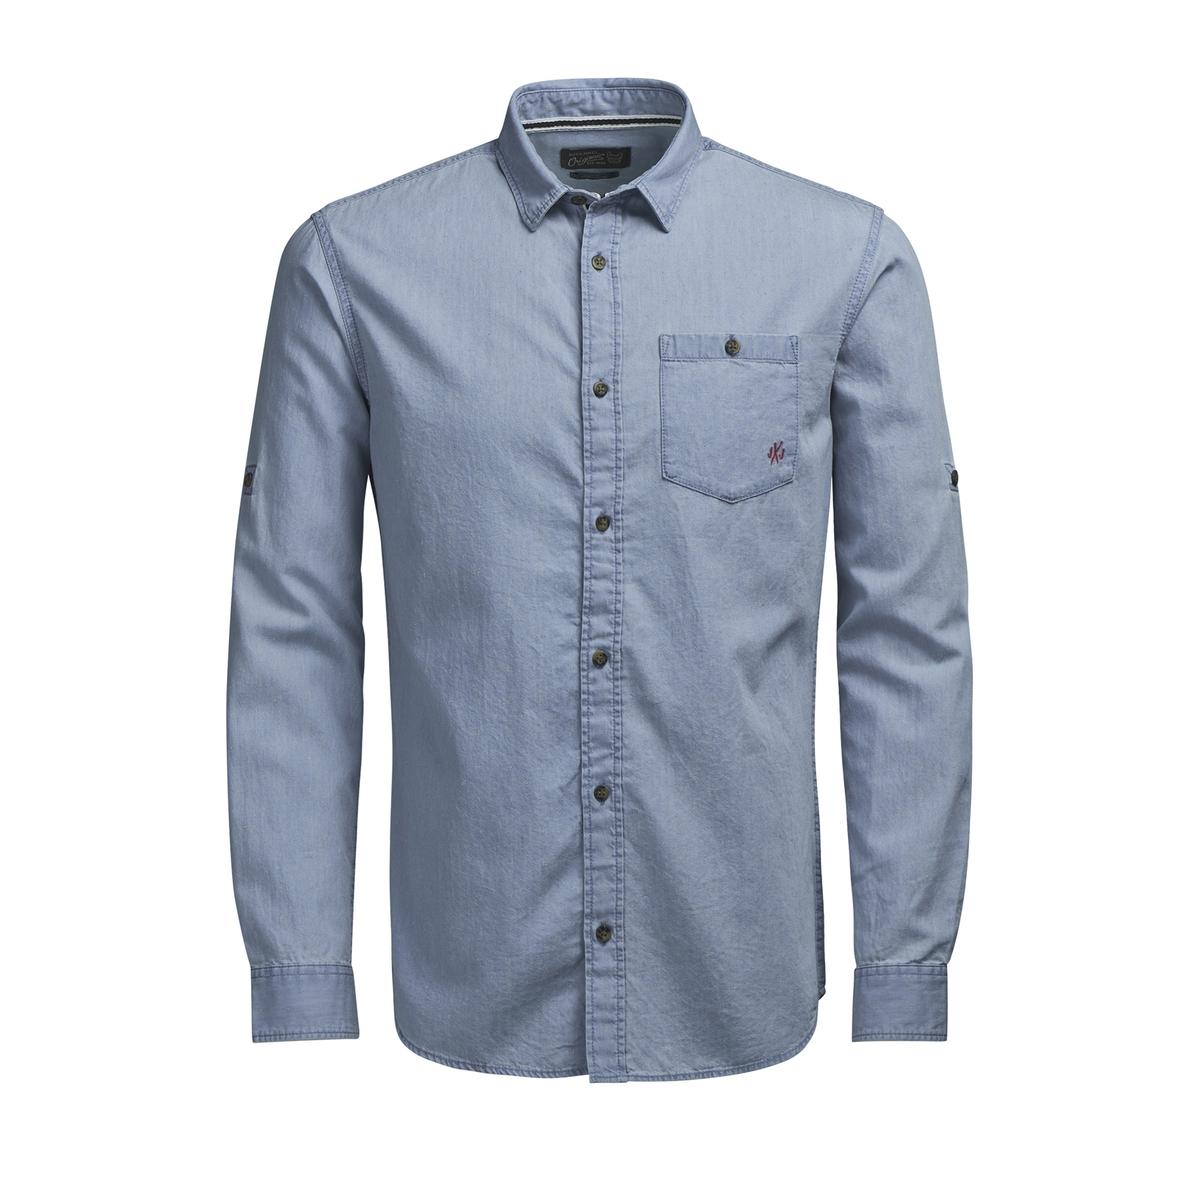 Рубашка с рисунком и длинными рукавамиДетали •  Длинные рукава •  Приталенный покрой   •  Классический воротник •  Рисунок-принтСостав и уход •  100% хлопок •  Следуйте советам по уходу, указанным на этикетке<br><br>Цвет: небесно-голубой<br>Размер: S